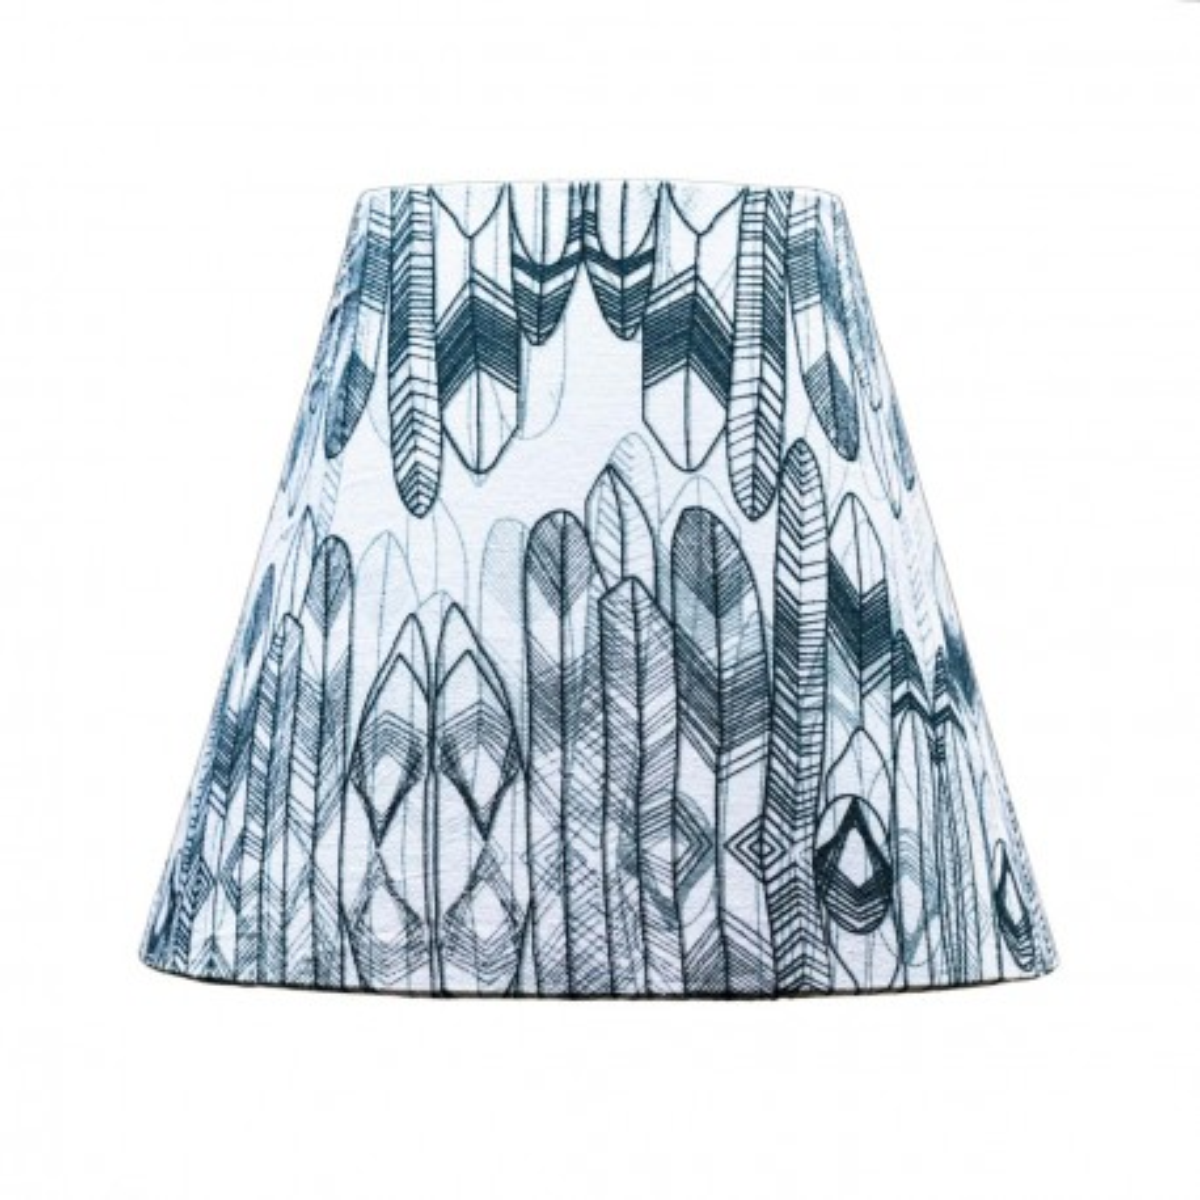 Abat-jour lampe de chevet tissu imprimé design Dakota